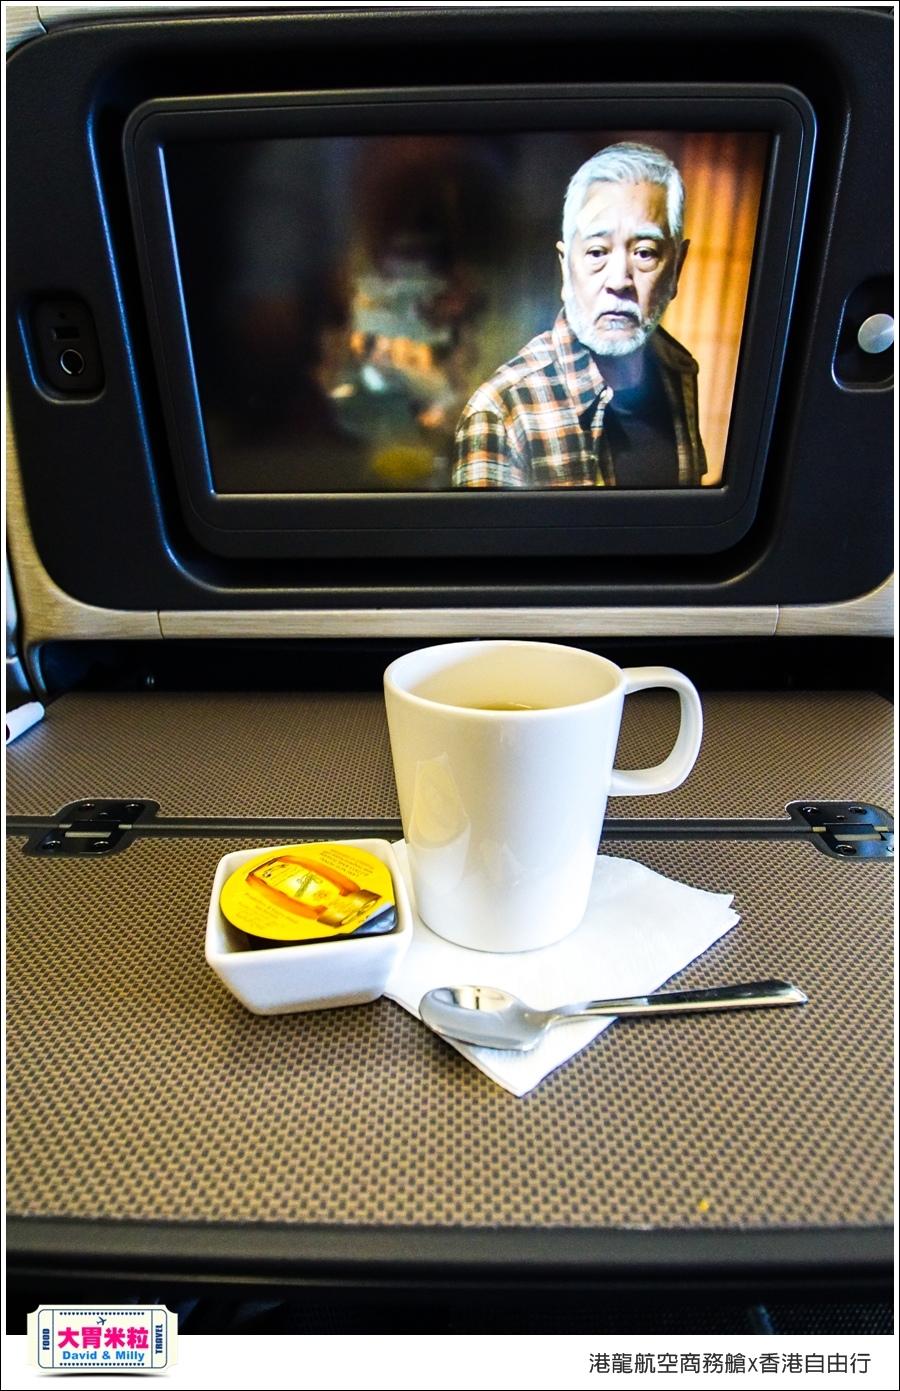 港龍航空商務艙x香港自由行三天兩夜行程推薦@大胃米粒071.jpg